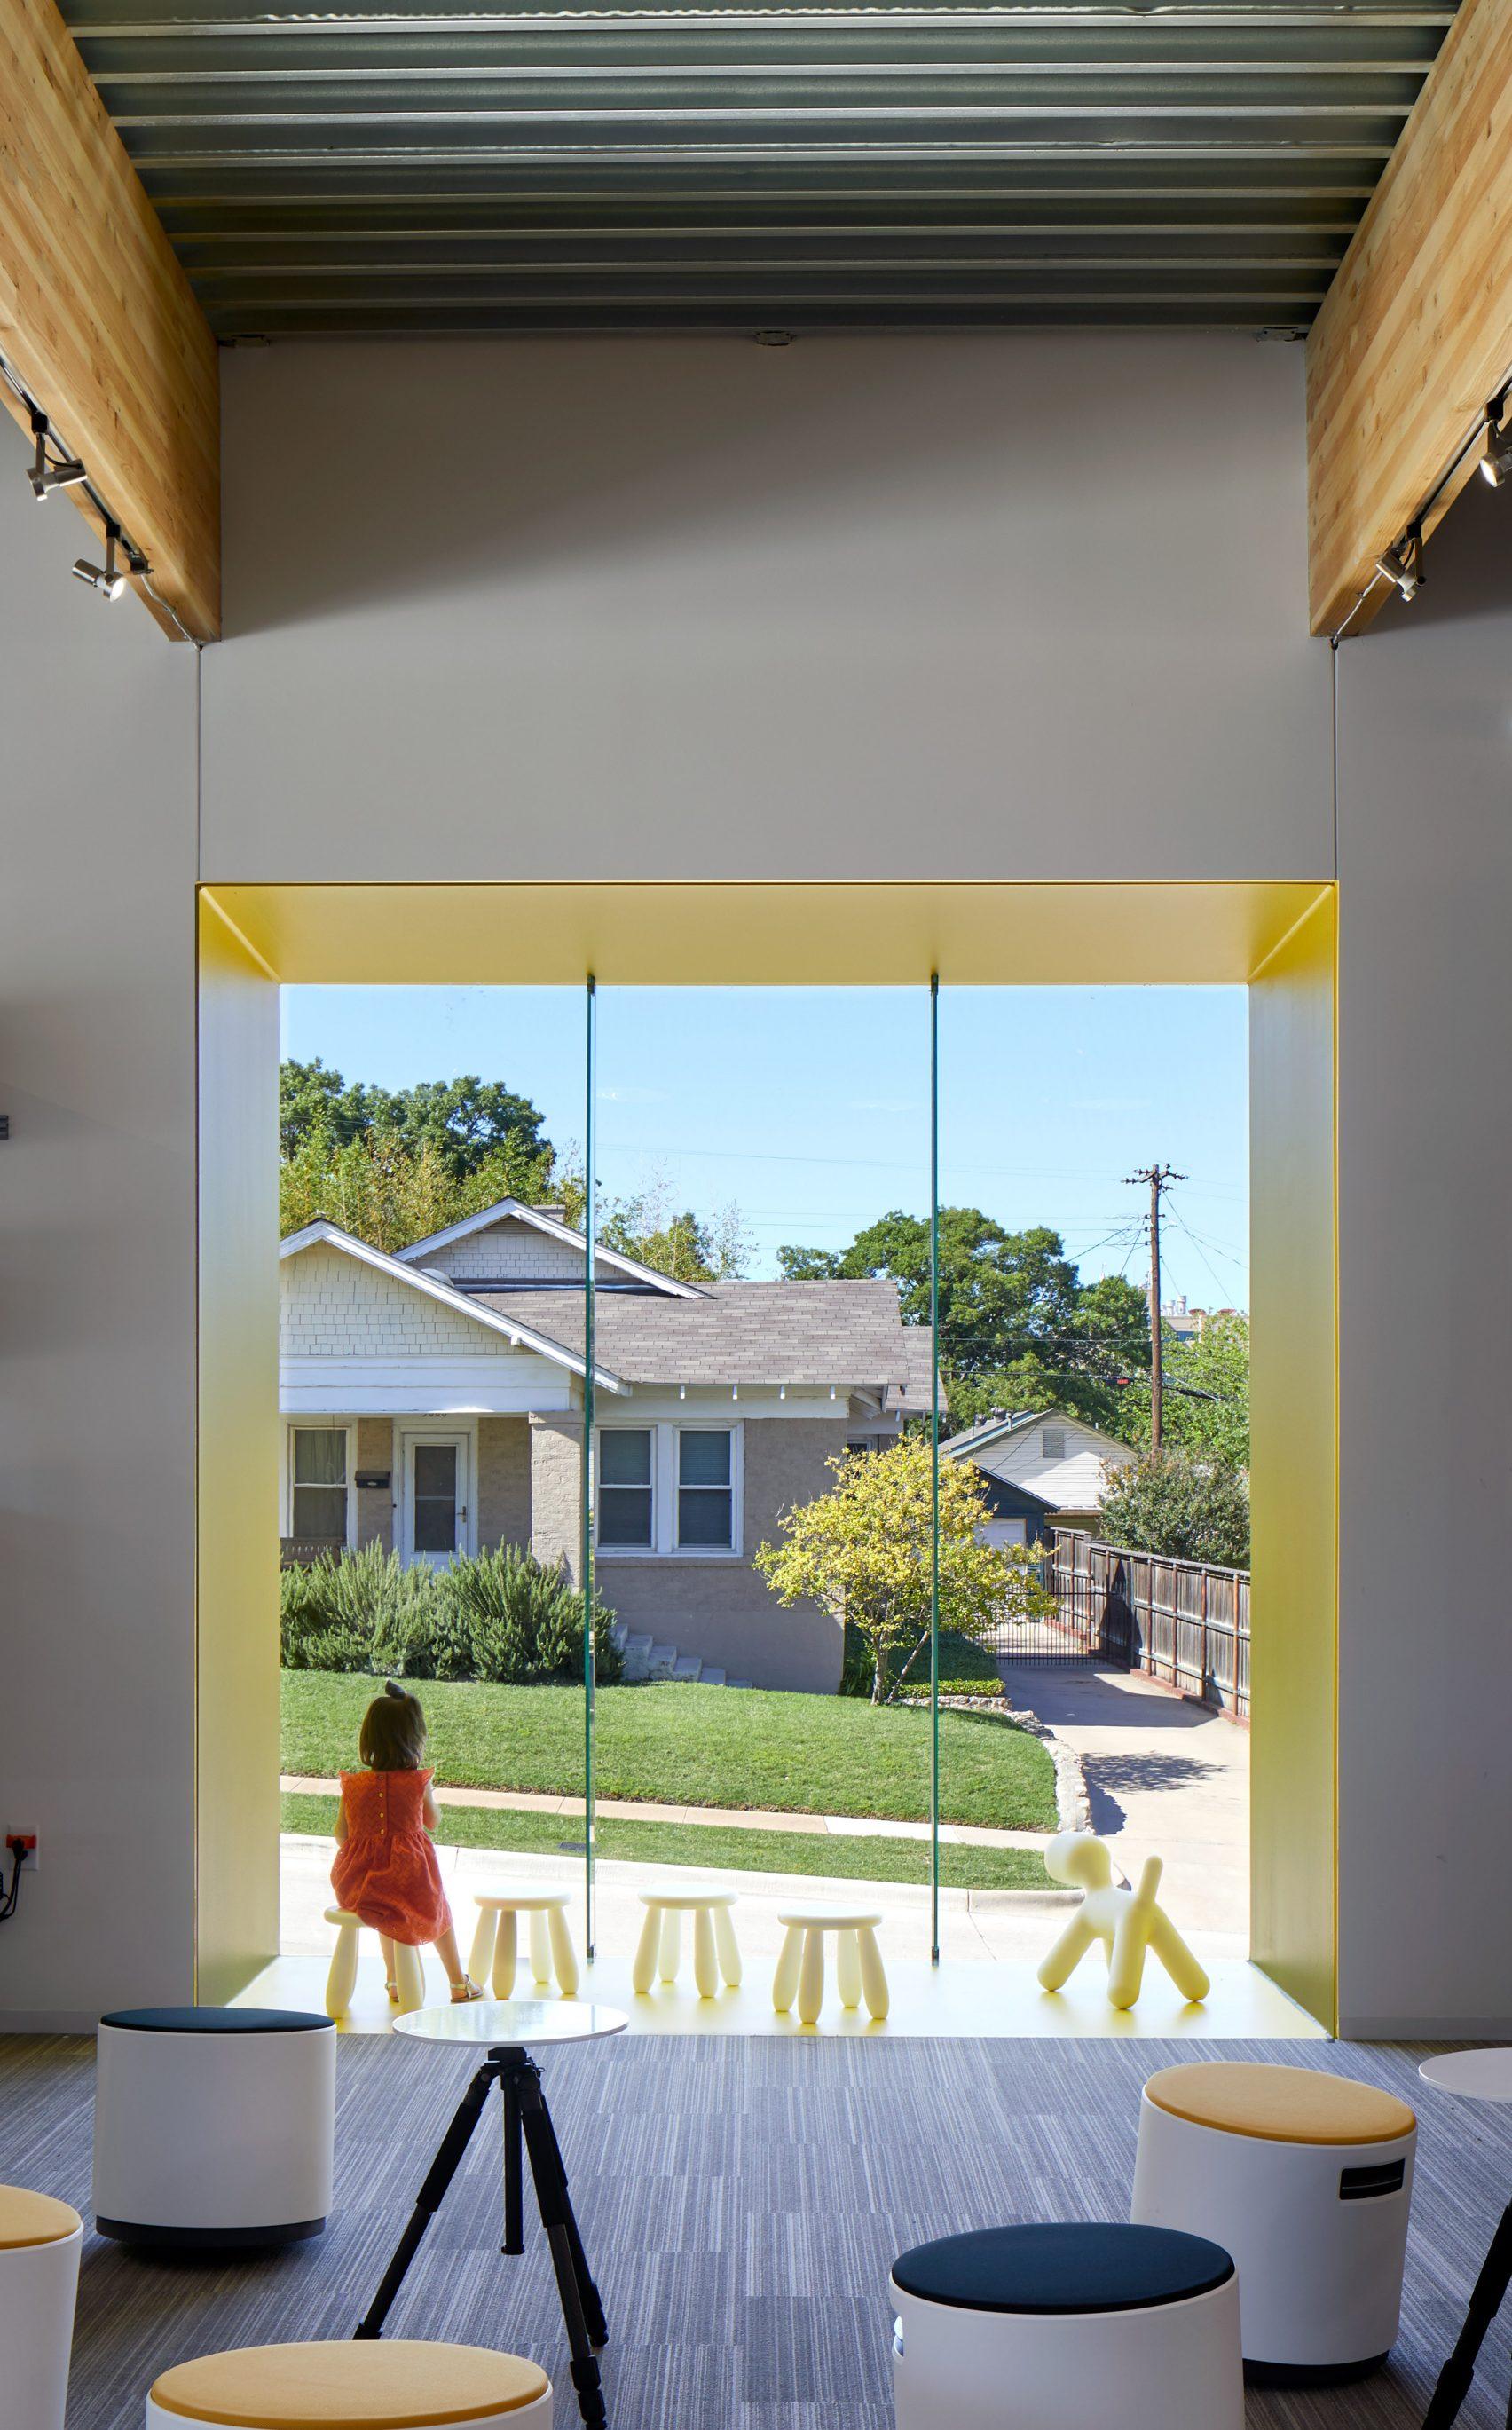 Студия компании «Fort Worth Camera» от Ибаньез Шоу создана с использованием деталей, ссылающихся на фотографию